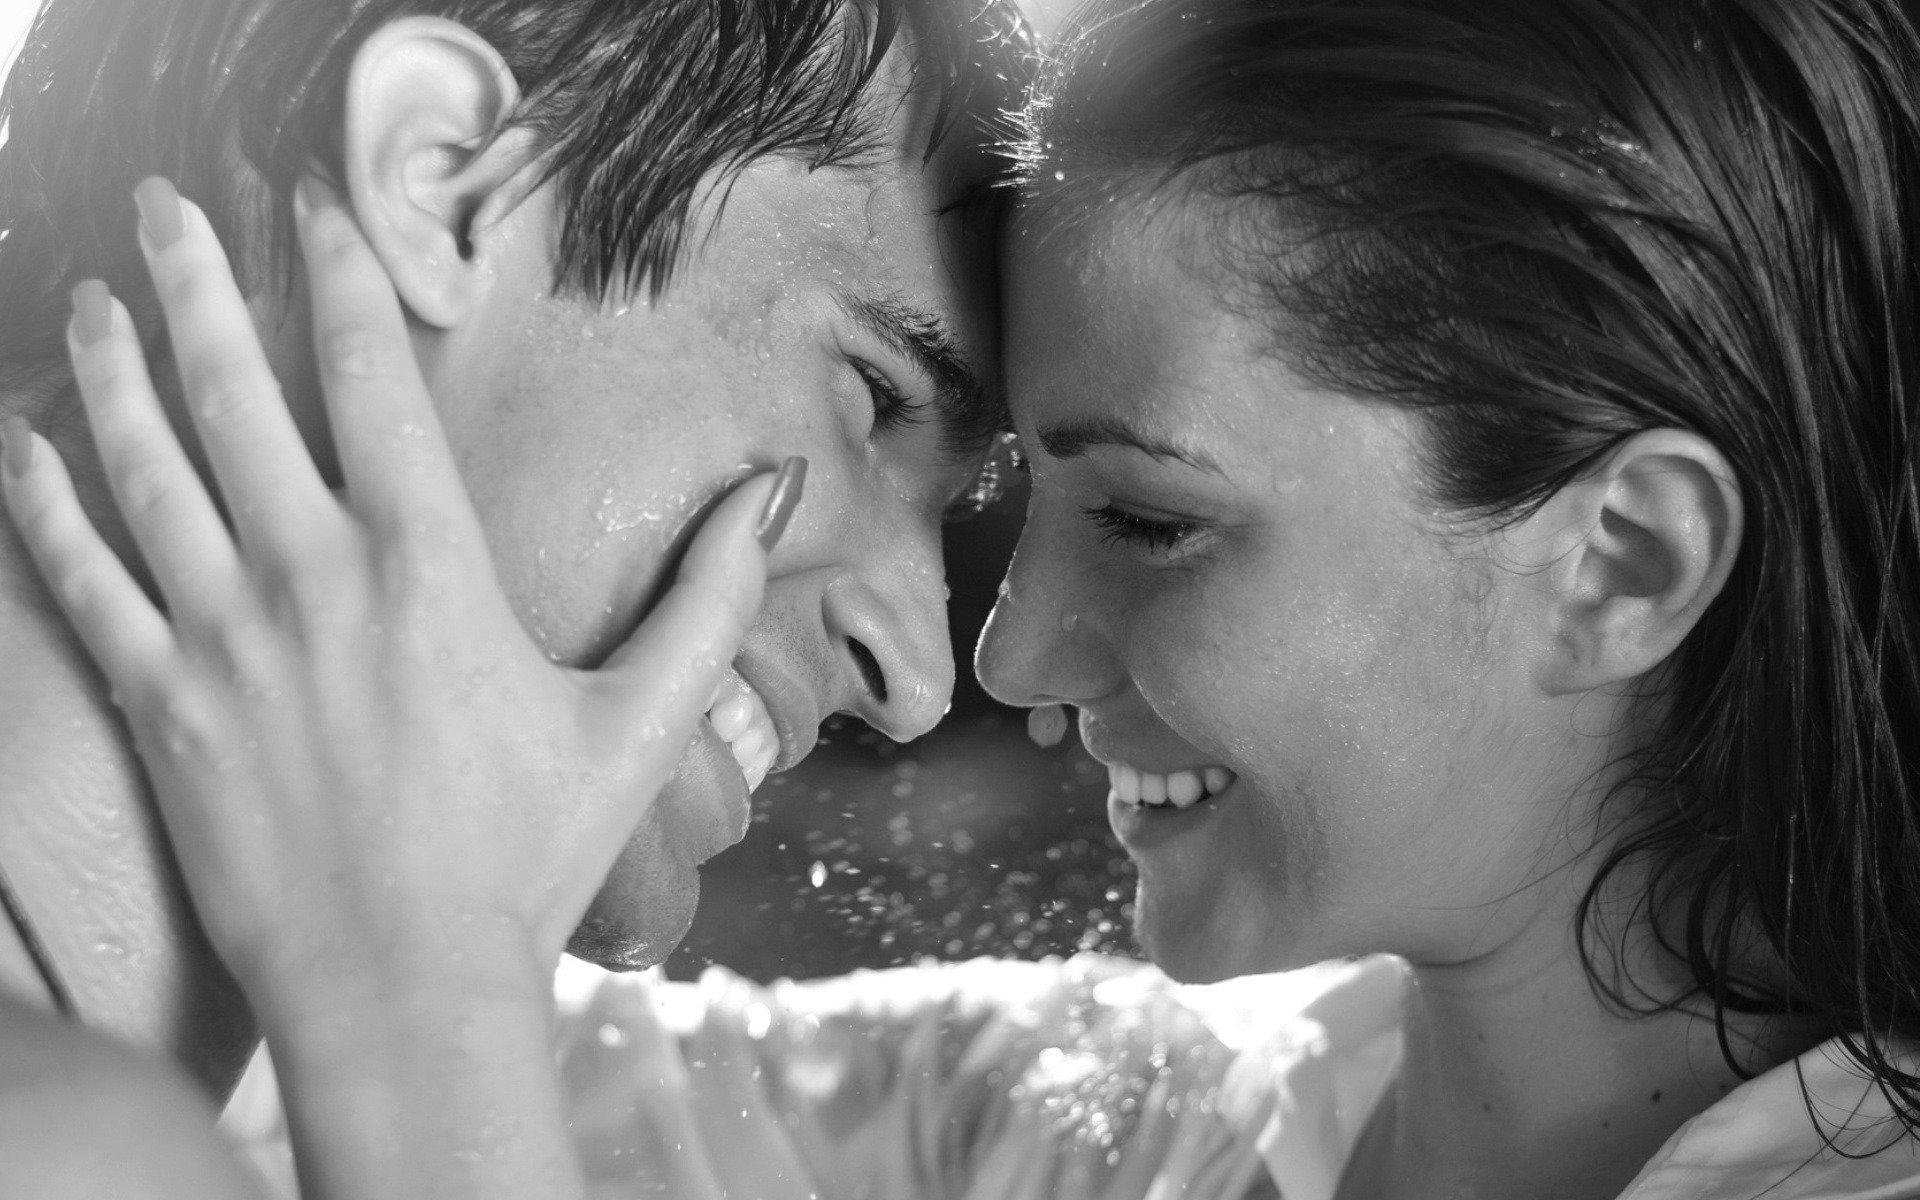 Сохранить гиф, картинки о большой любви к девушке